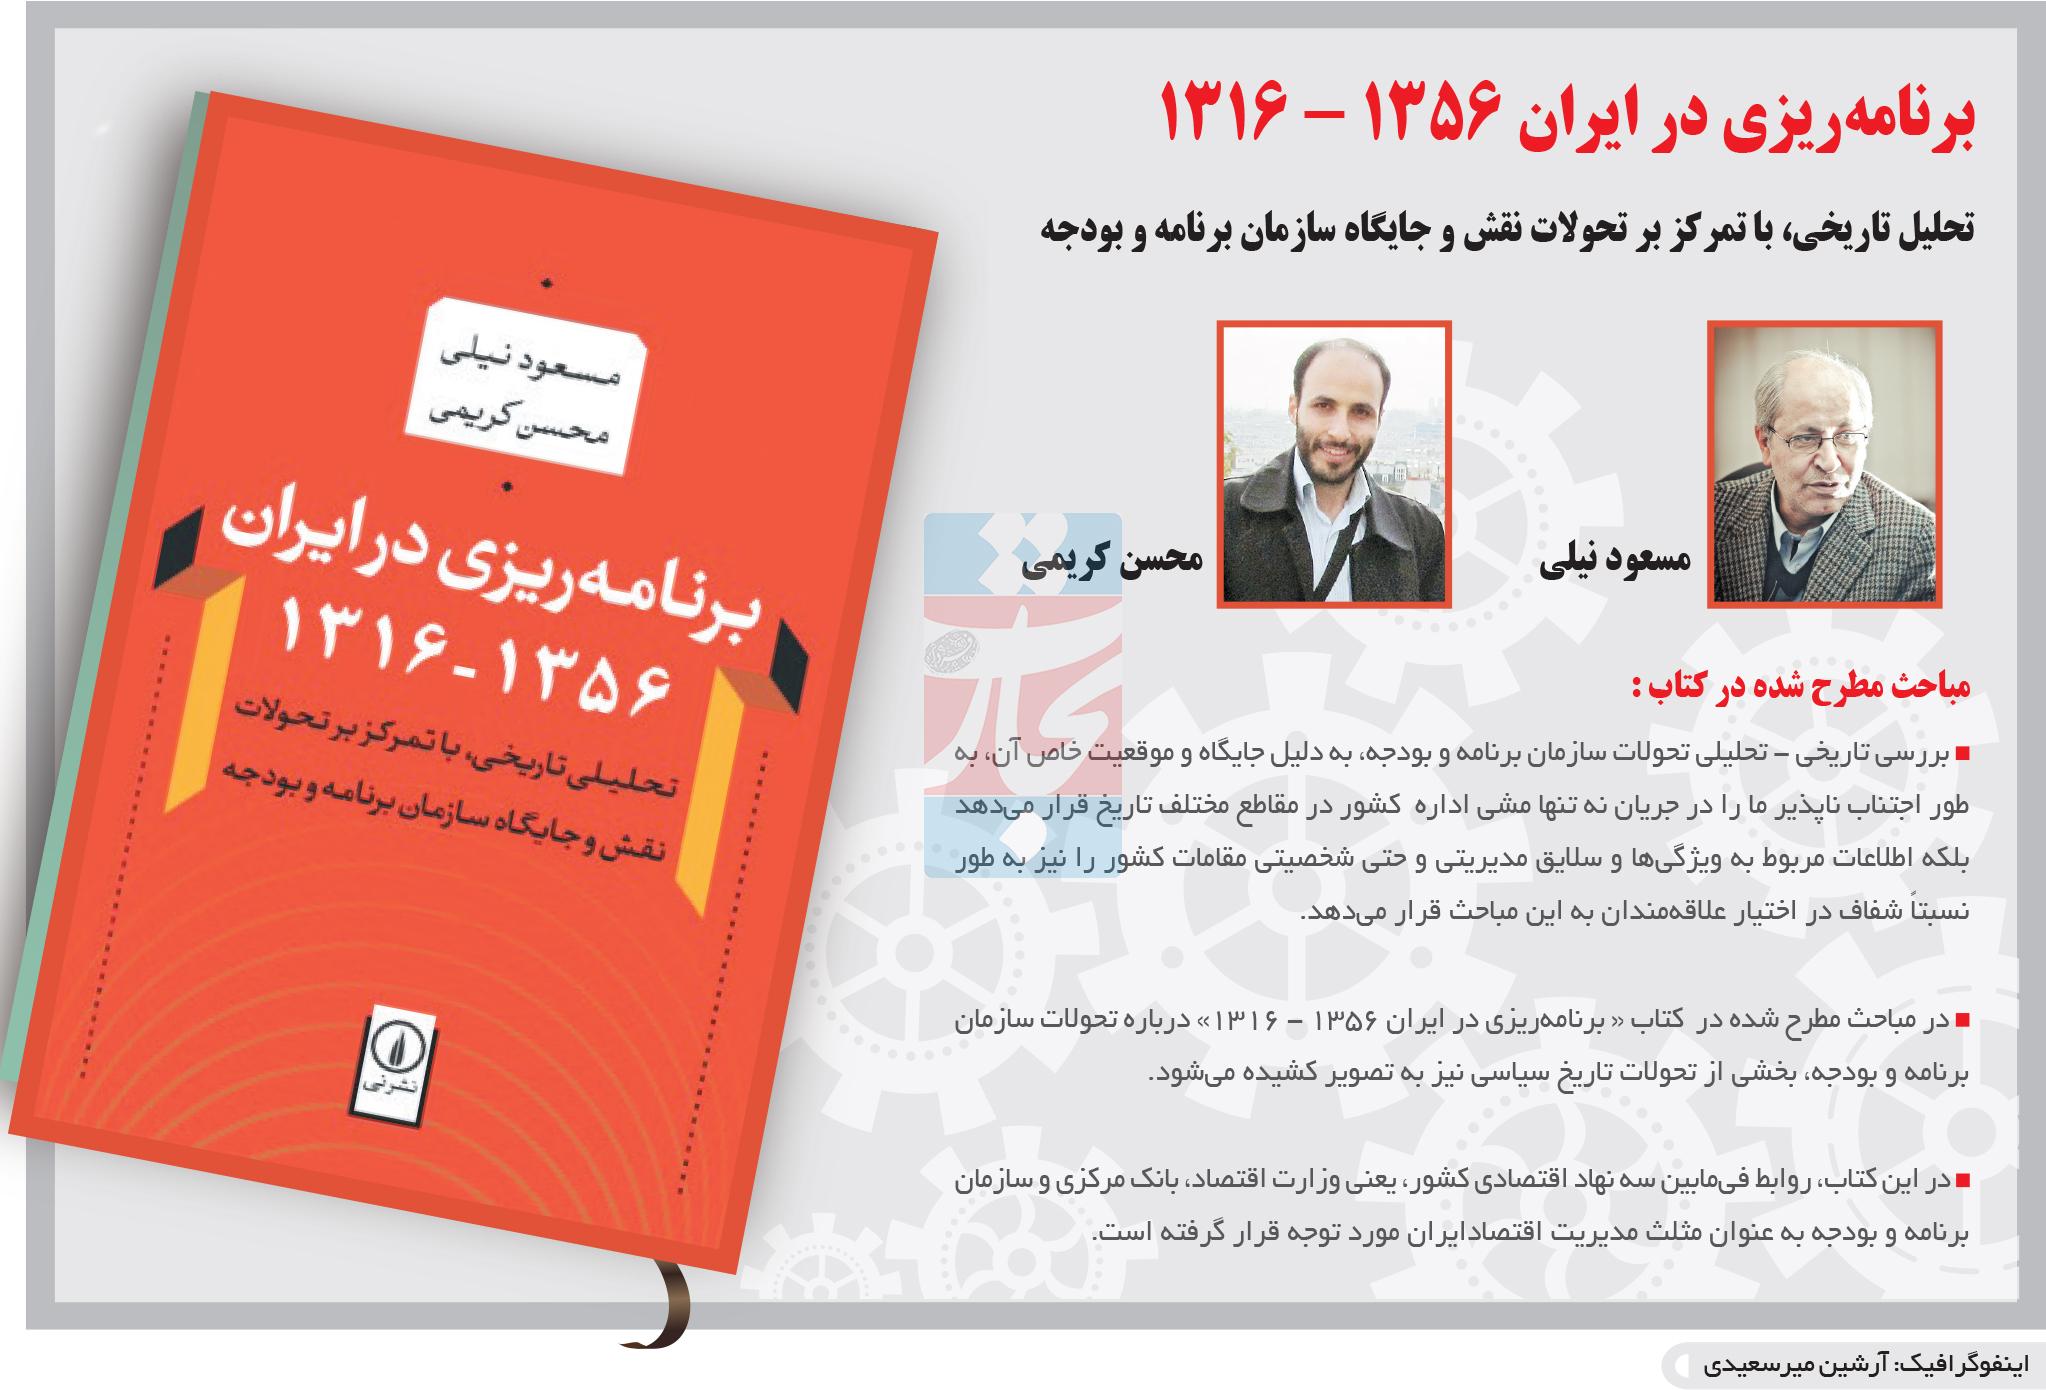 تجارت فردا- اینفوگرافیک- برنامهریزی در ایران 1356 - 1316